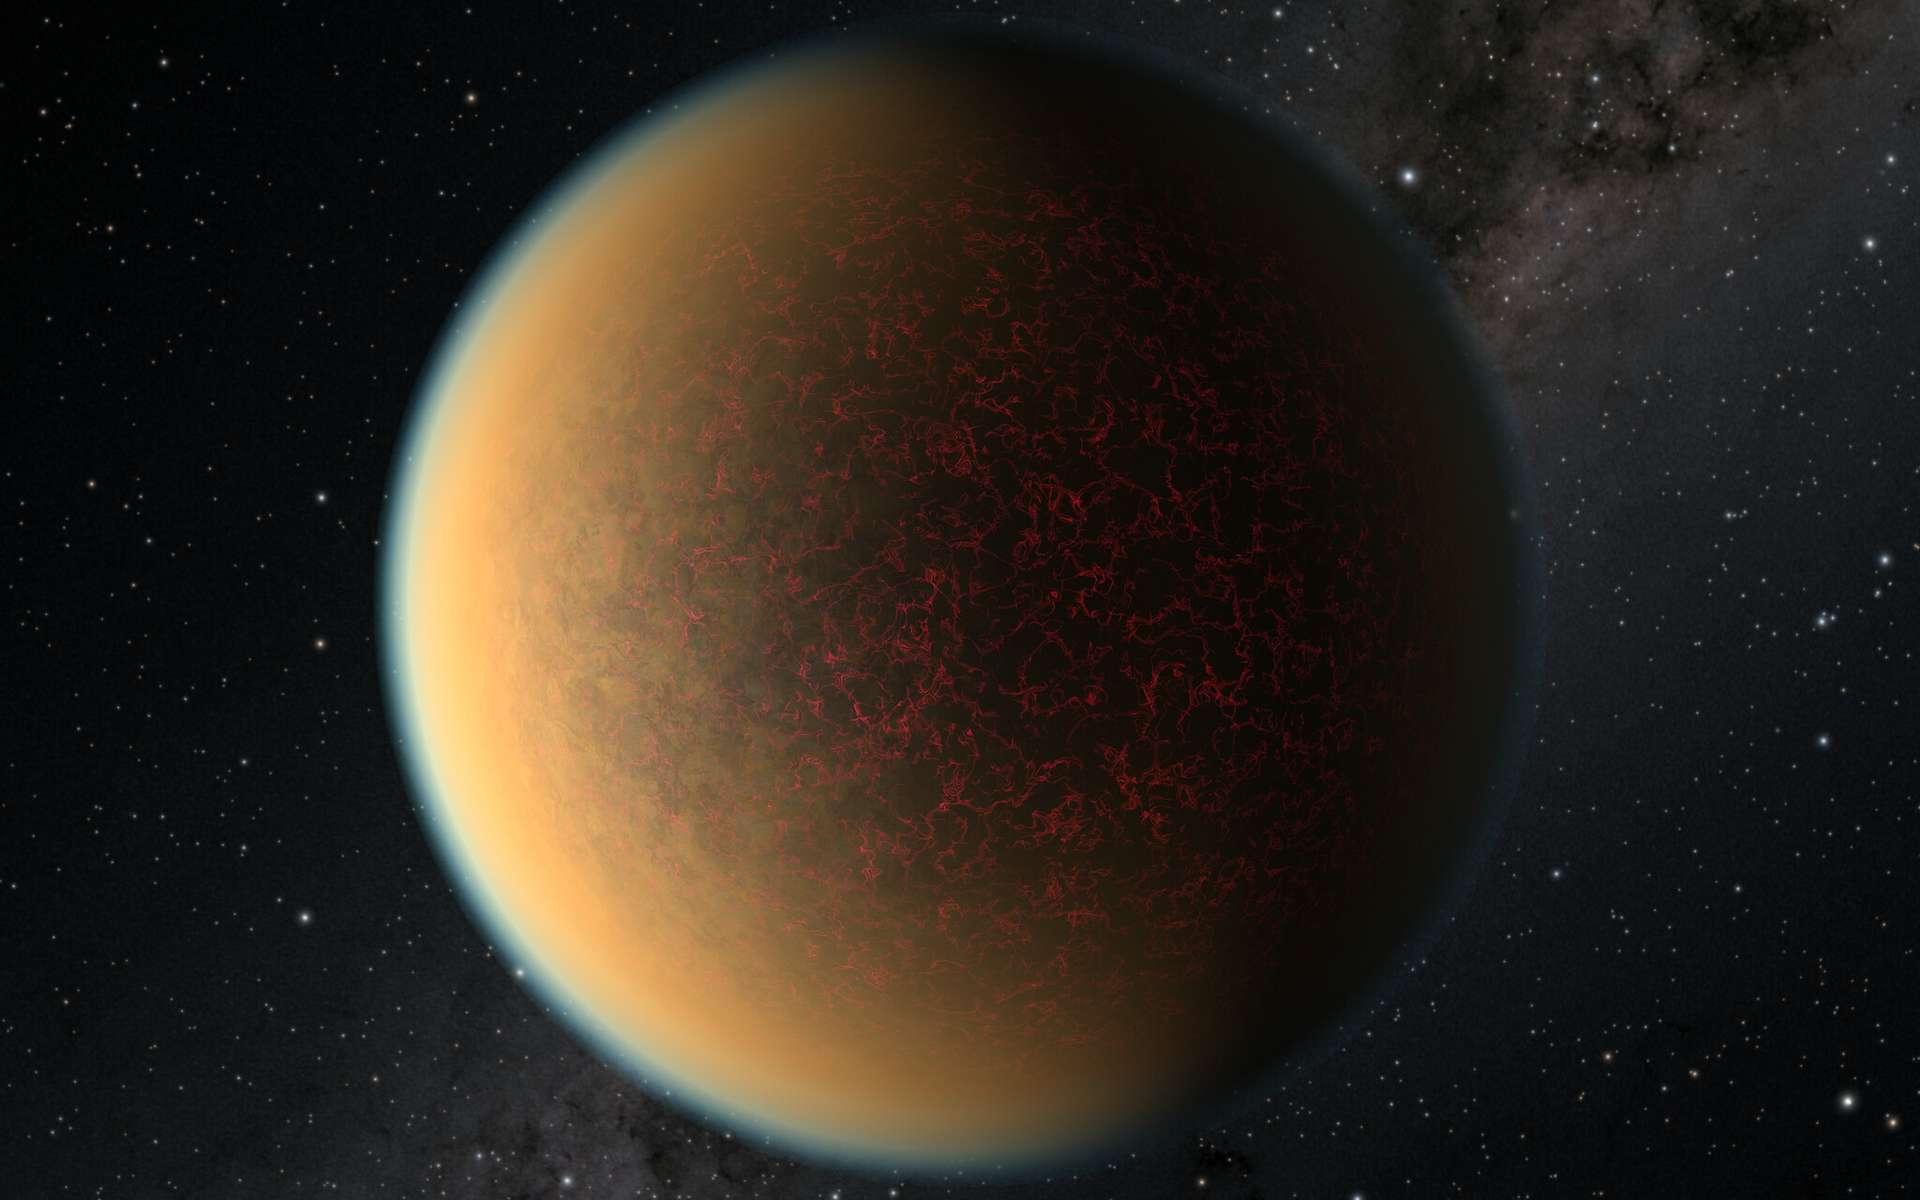 Cette image est une impression d'artiste de l'exoplanète GJ 1132 b. © Nasa, ESA, et R. Hurt (IPAC Caltech)